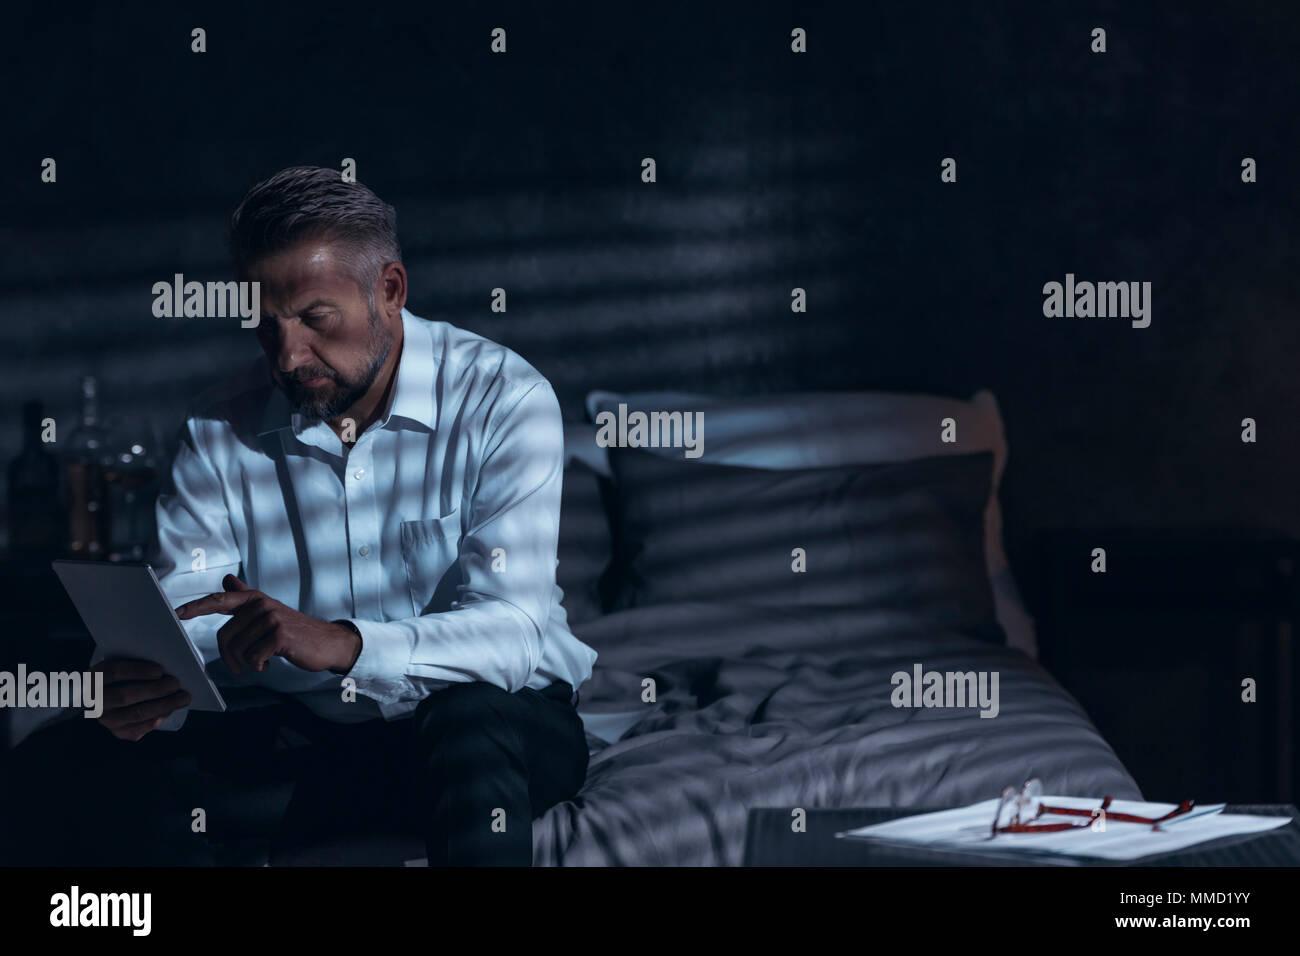 Épuisé d'hommes d'âge moyen assis sur un lit dans une chambre d'hôtel dans la nuit et à la recherche dans un bloc-notes pendant son voyage d'entreprise Photo Stock